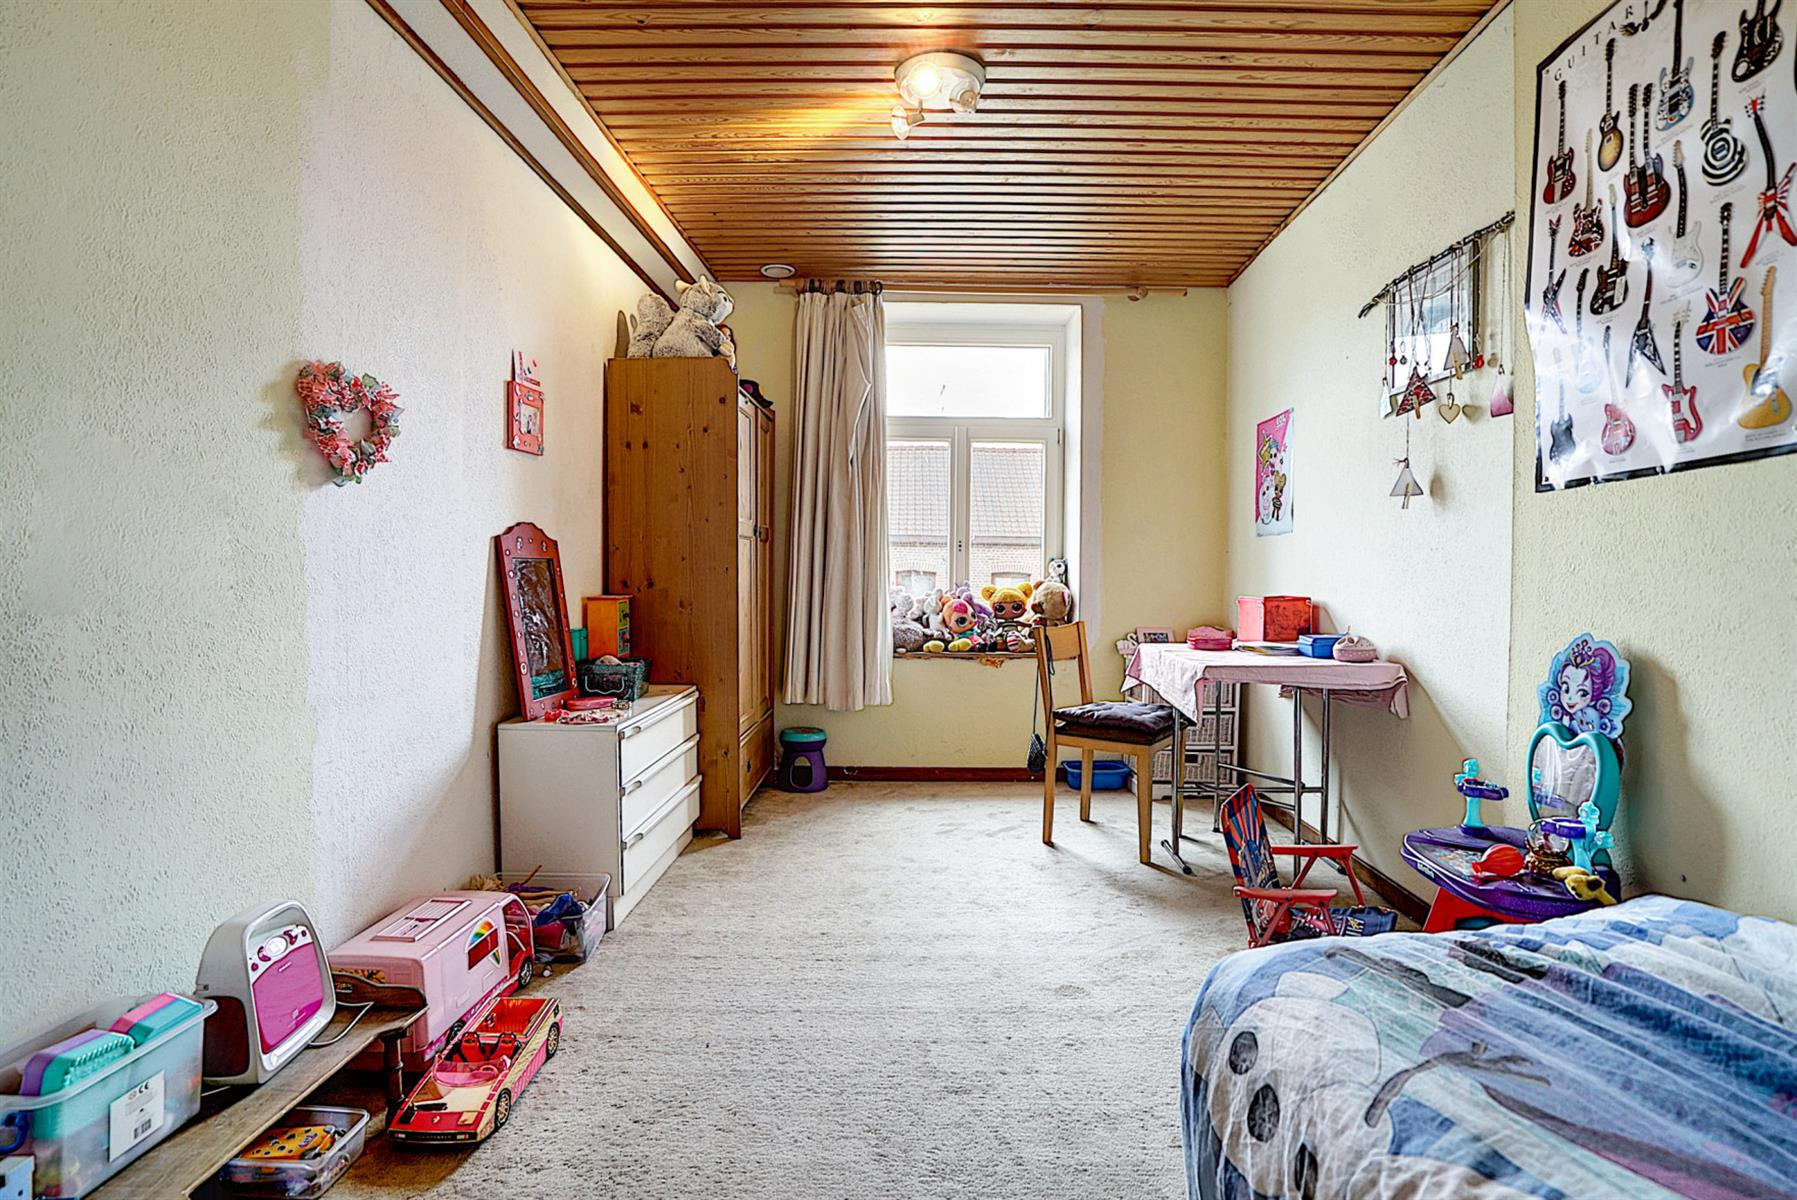 Maison - Grez-doiceau - #4288796-11